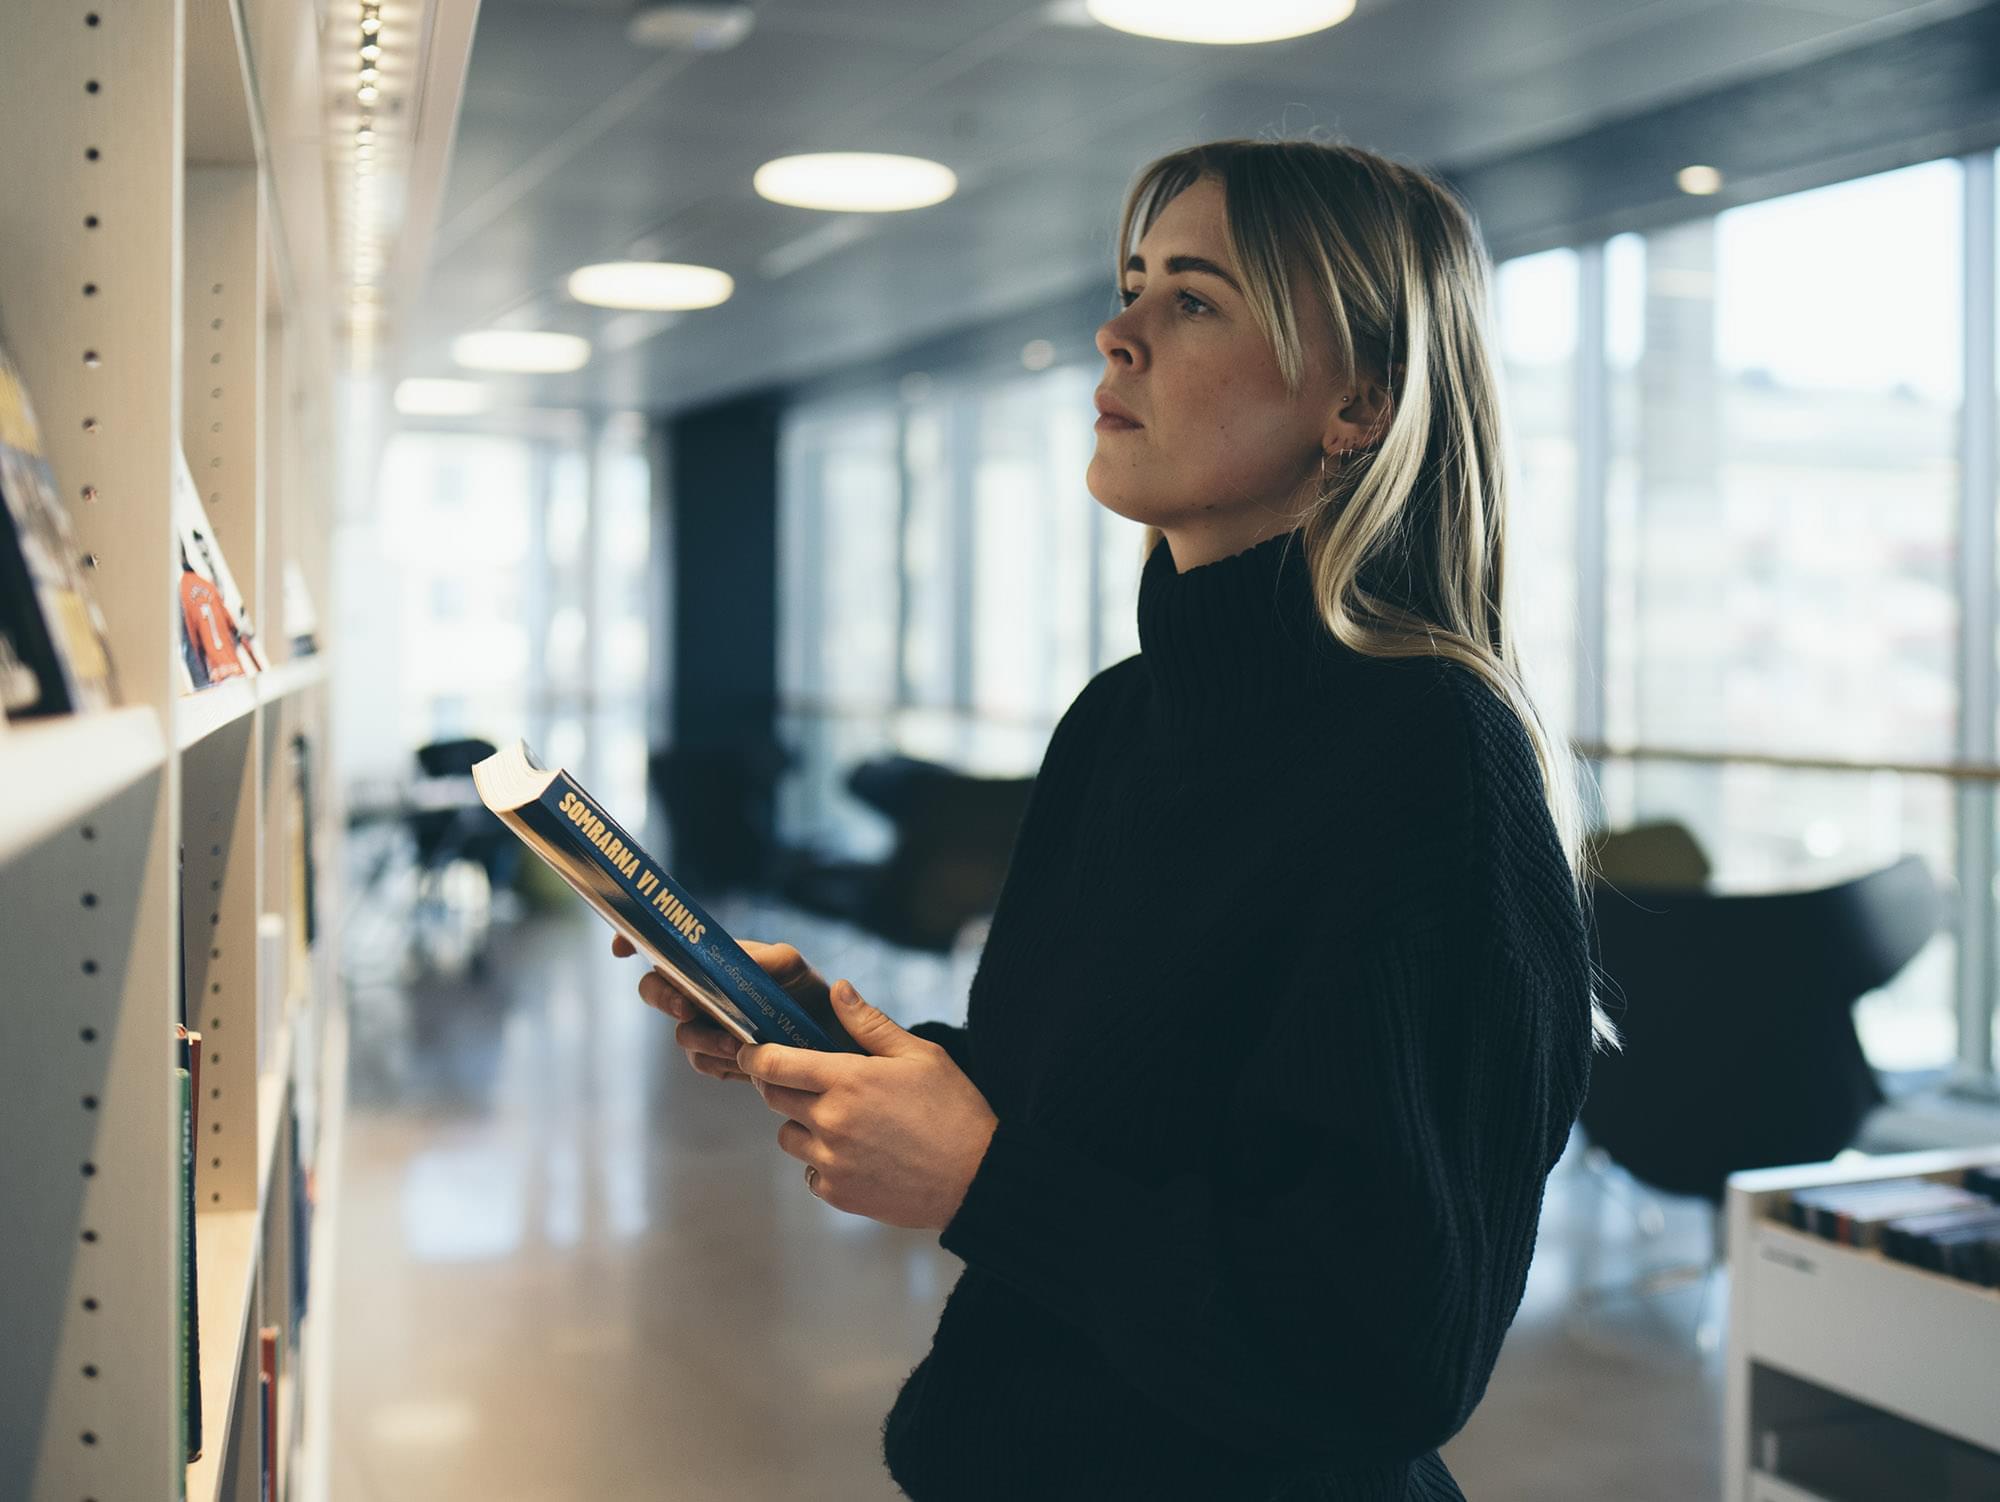 Kvinna står med bok vid bokhylla